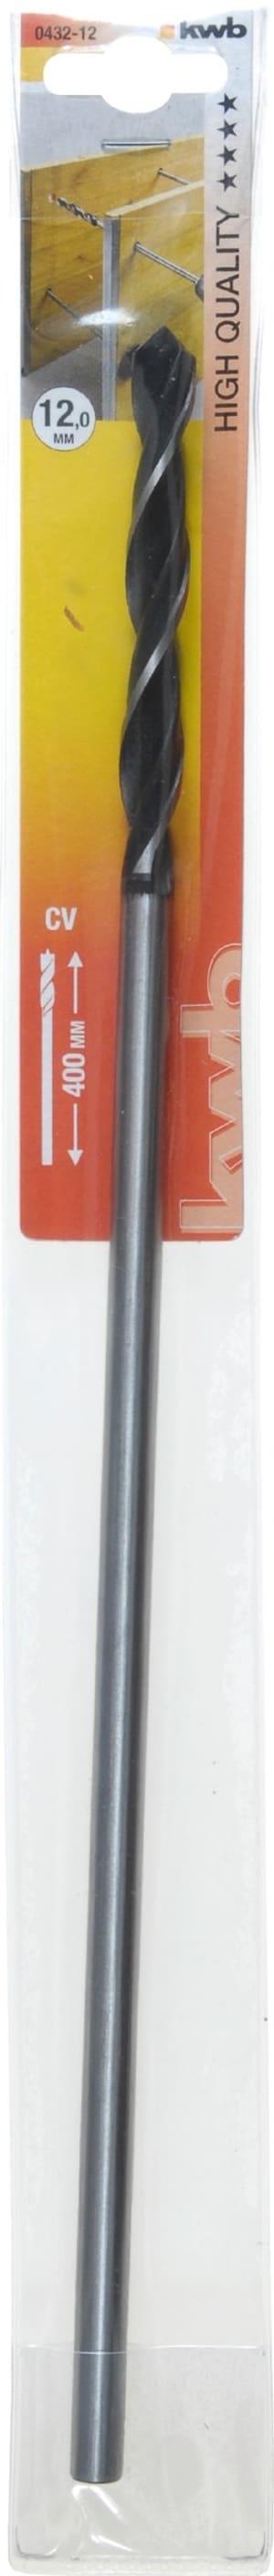 Schalungsbohrer, 400 mm, ø 12 mm